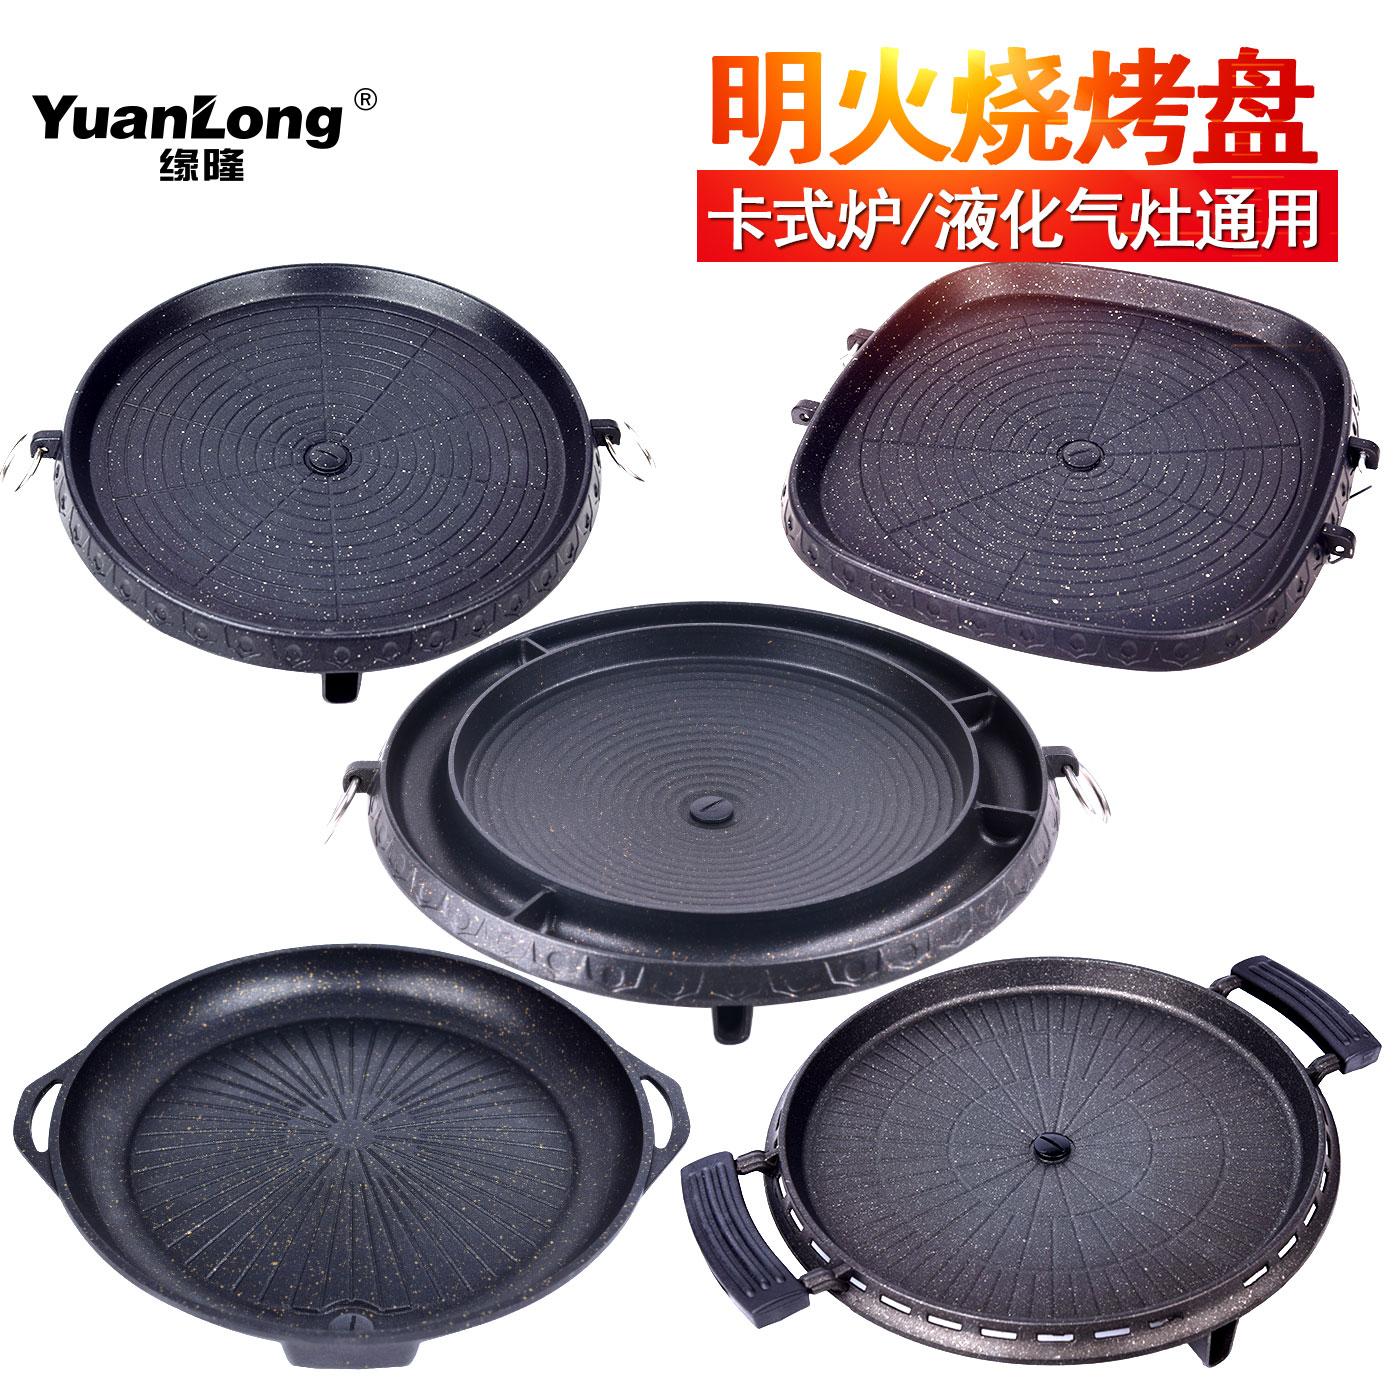 韩式烤肉盘韩国烧烤盘方形加厚麦饭石烧盘家用烤肉锅鸡蛋糕明火盘